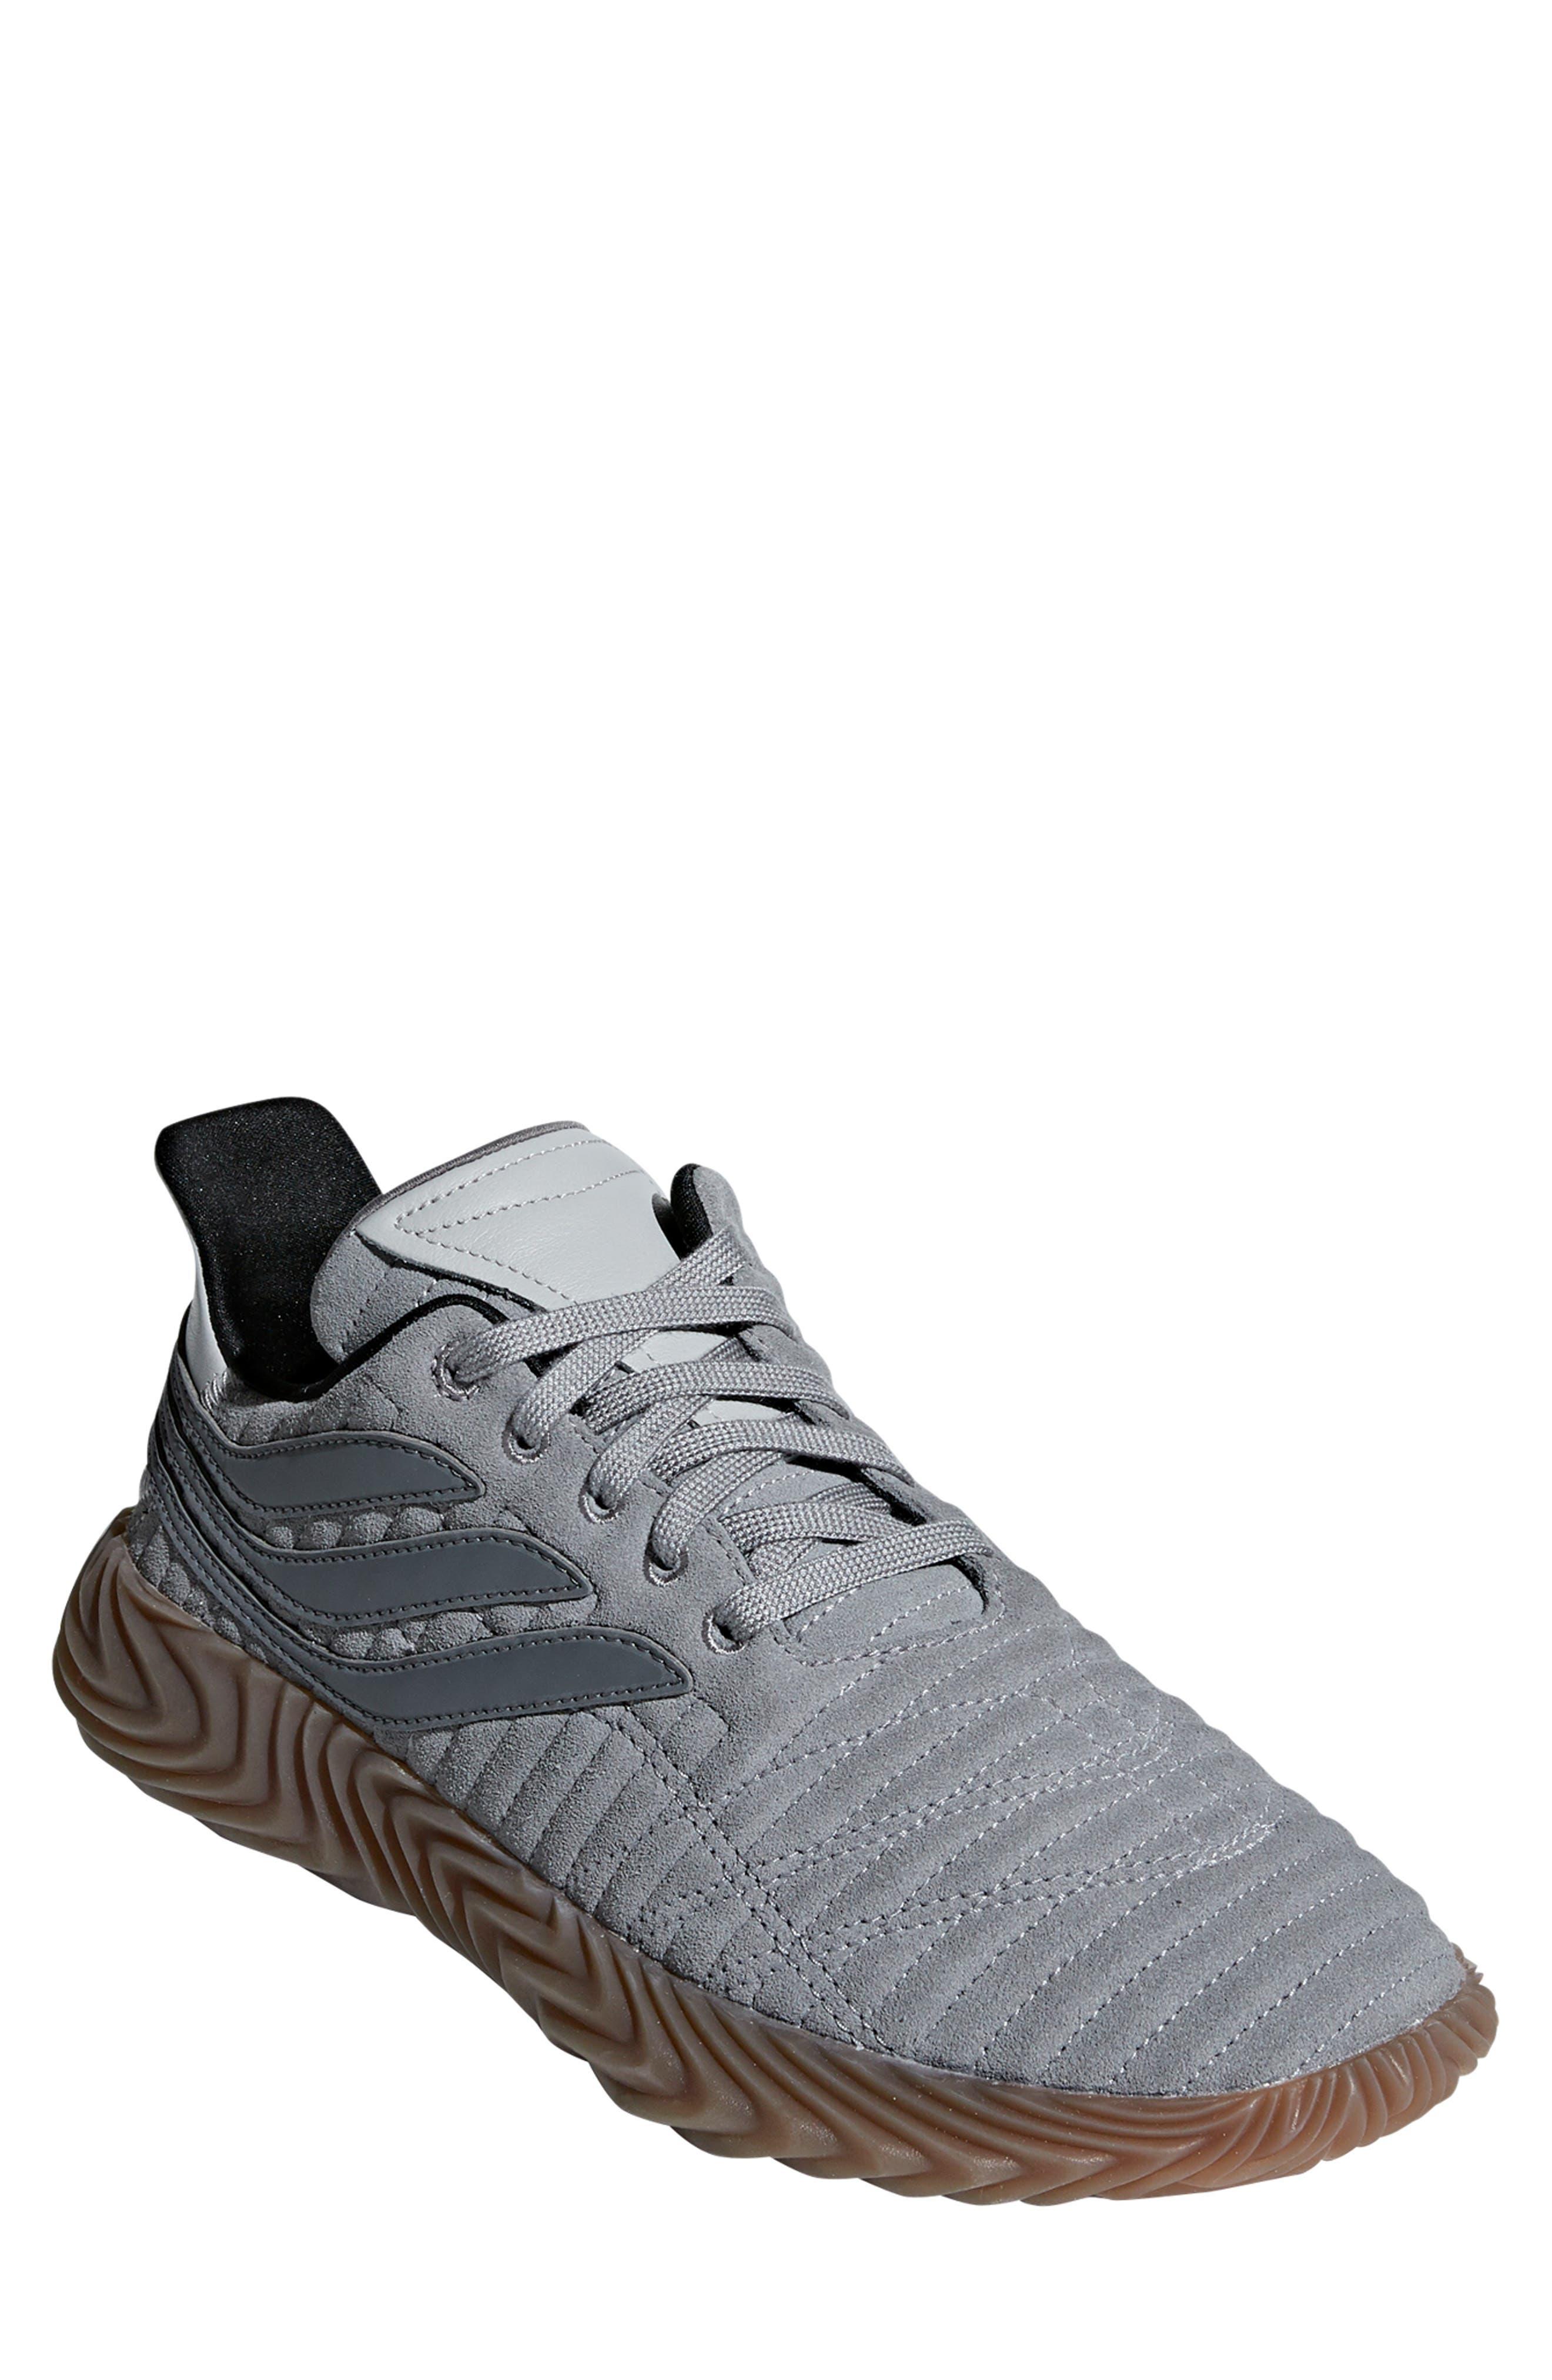 Sobakov Sneaker, Main, color, GREY/ GREY